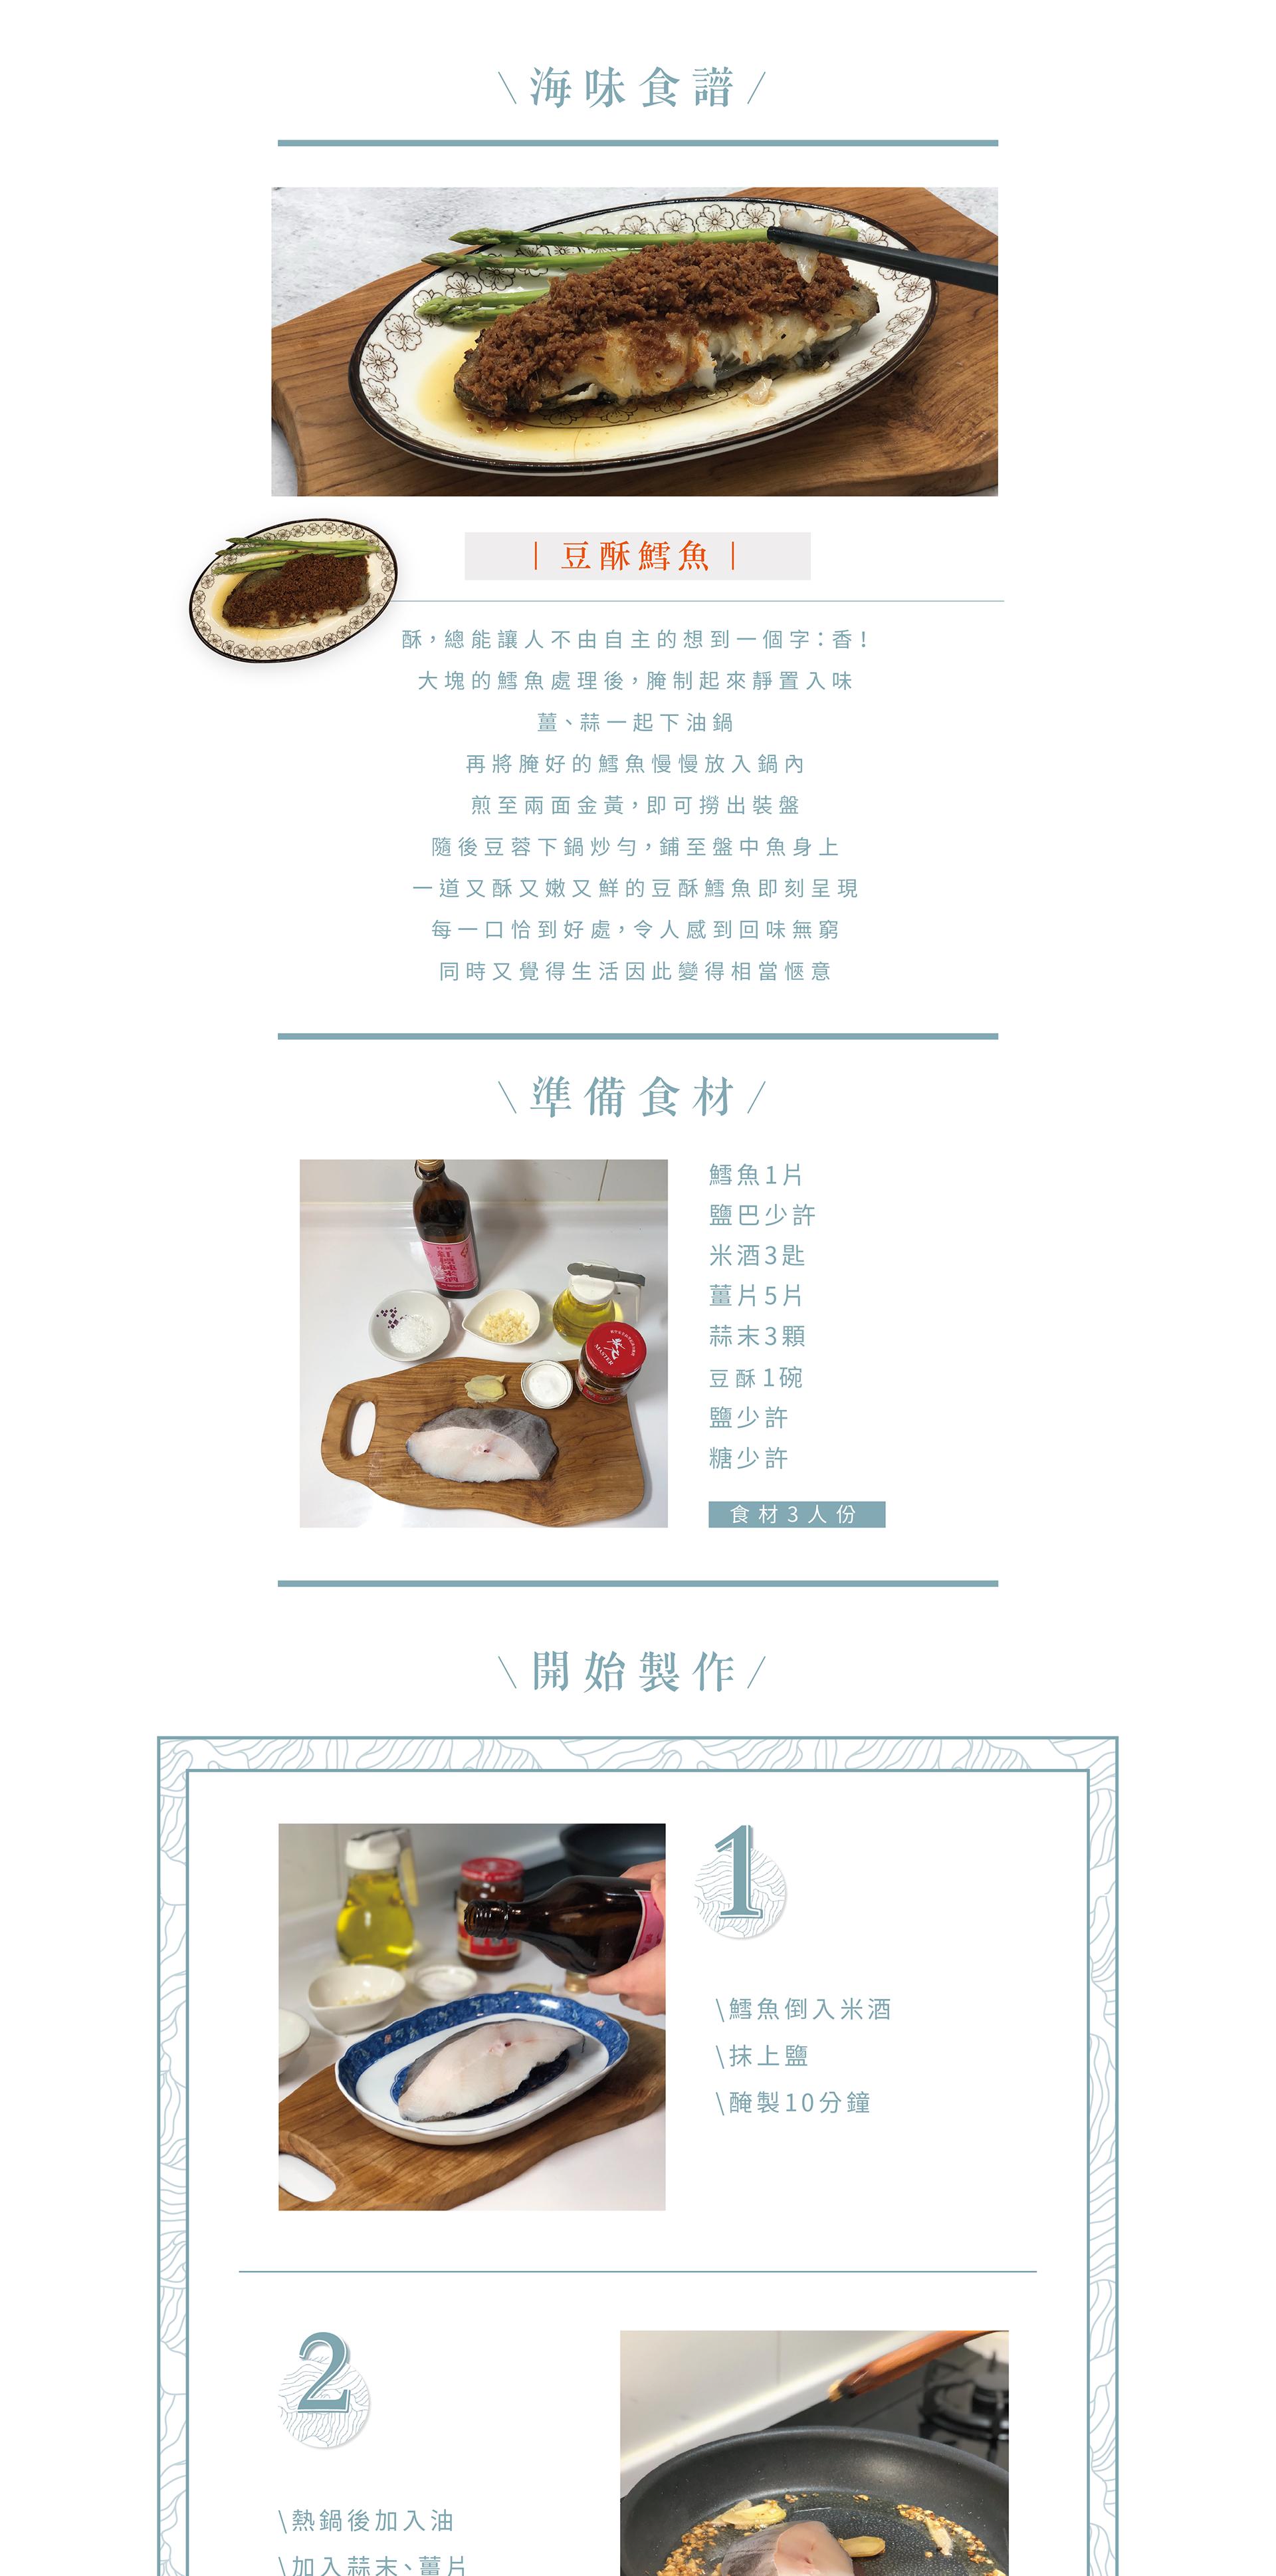 食譜-豆酥鱈魚